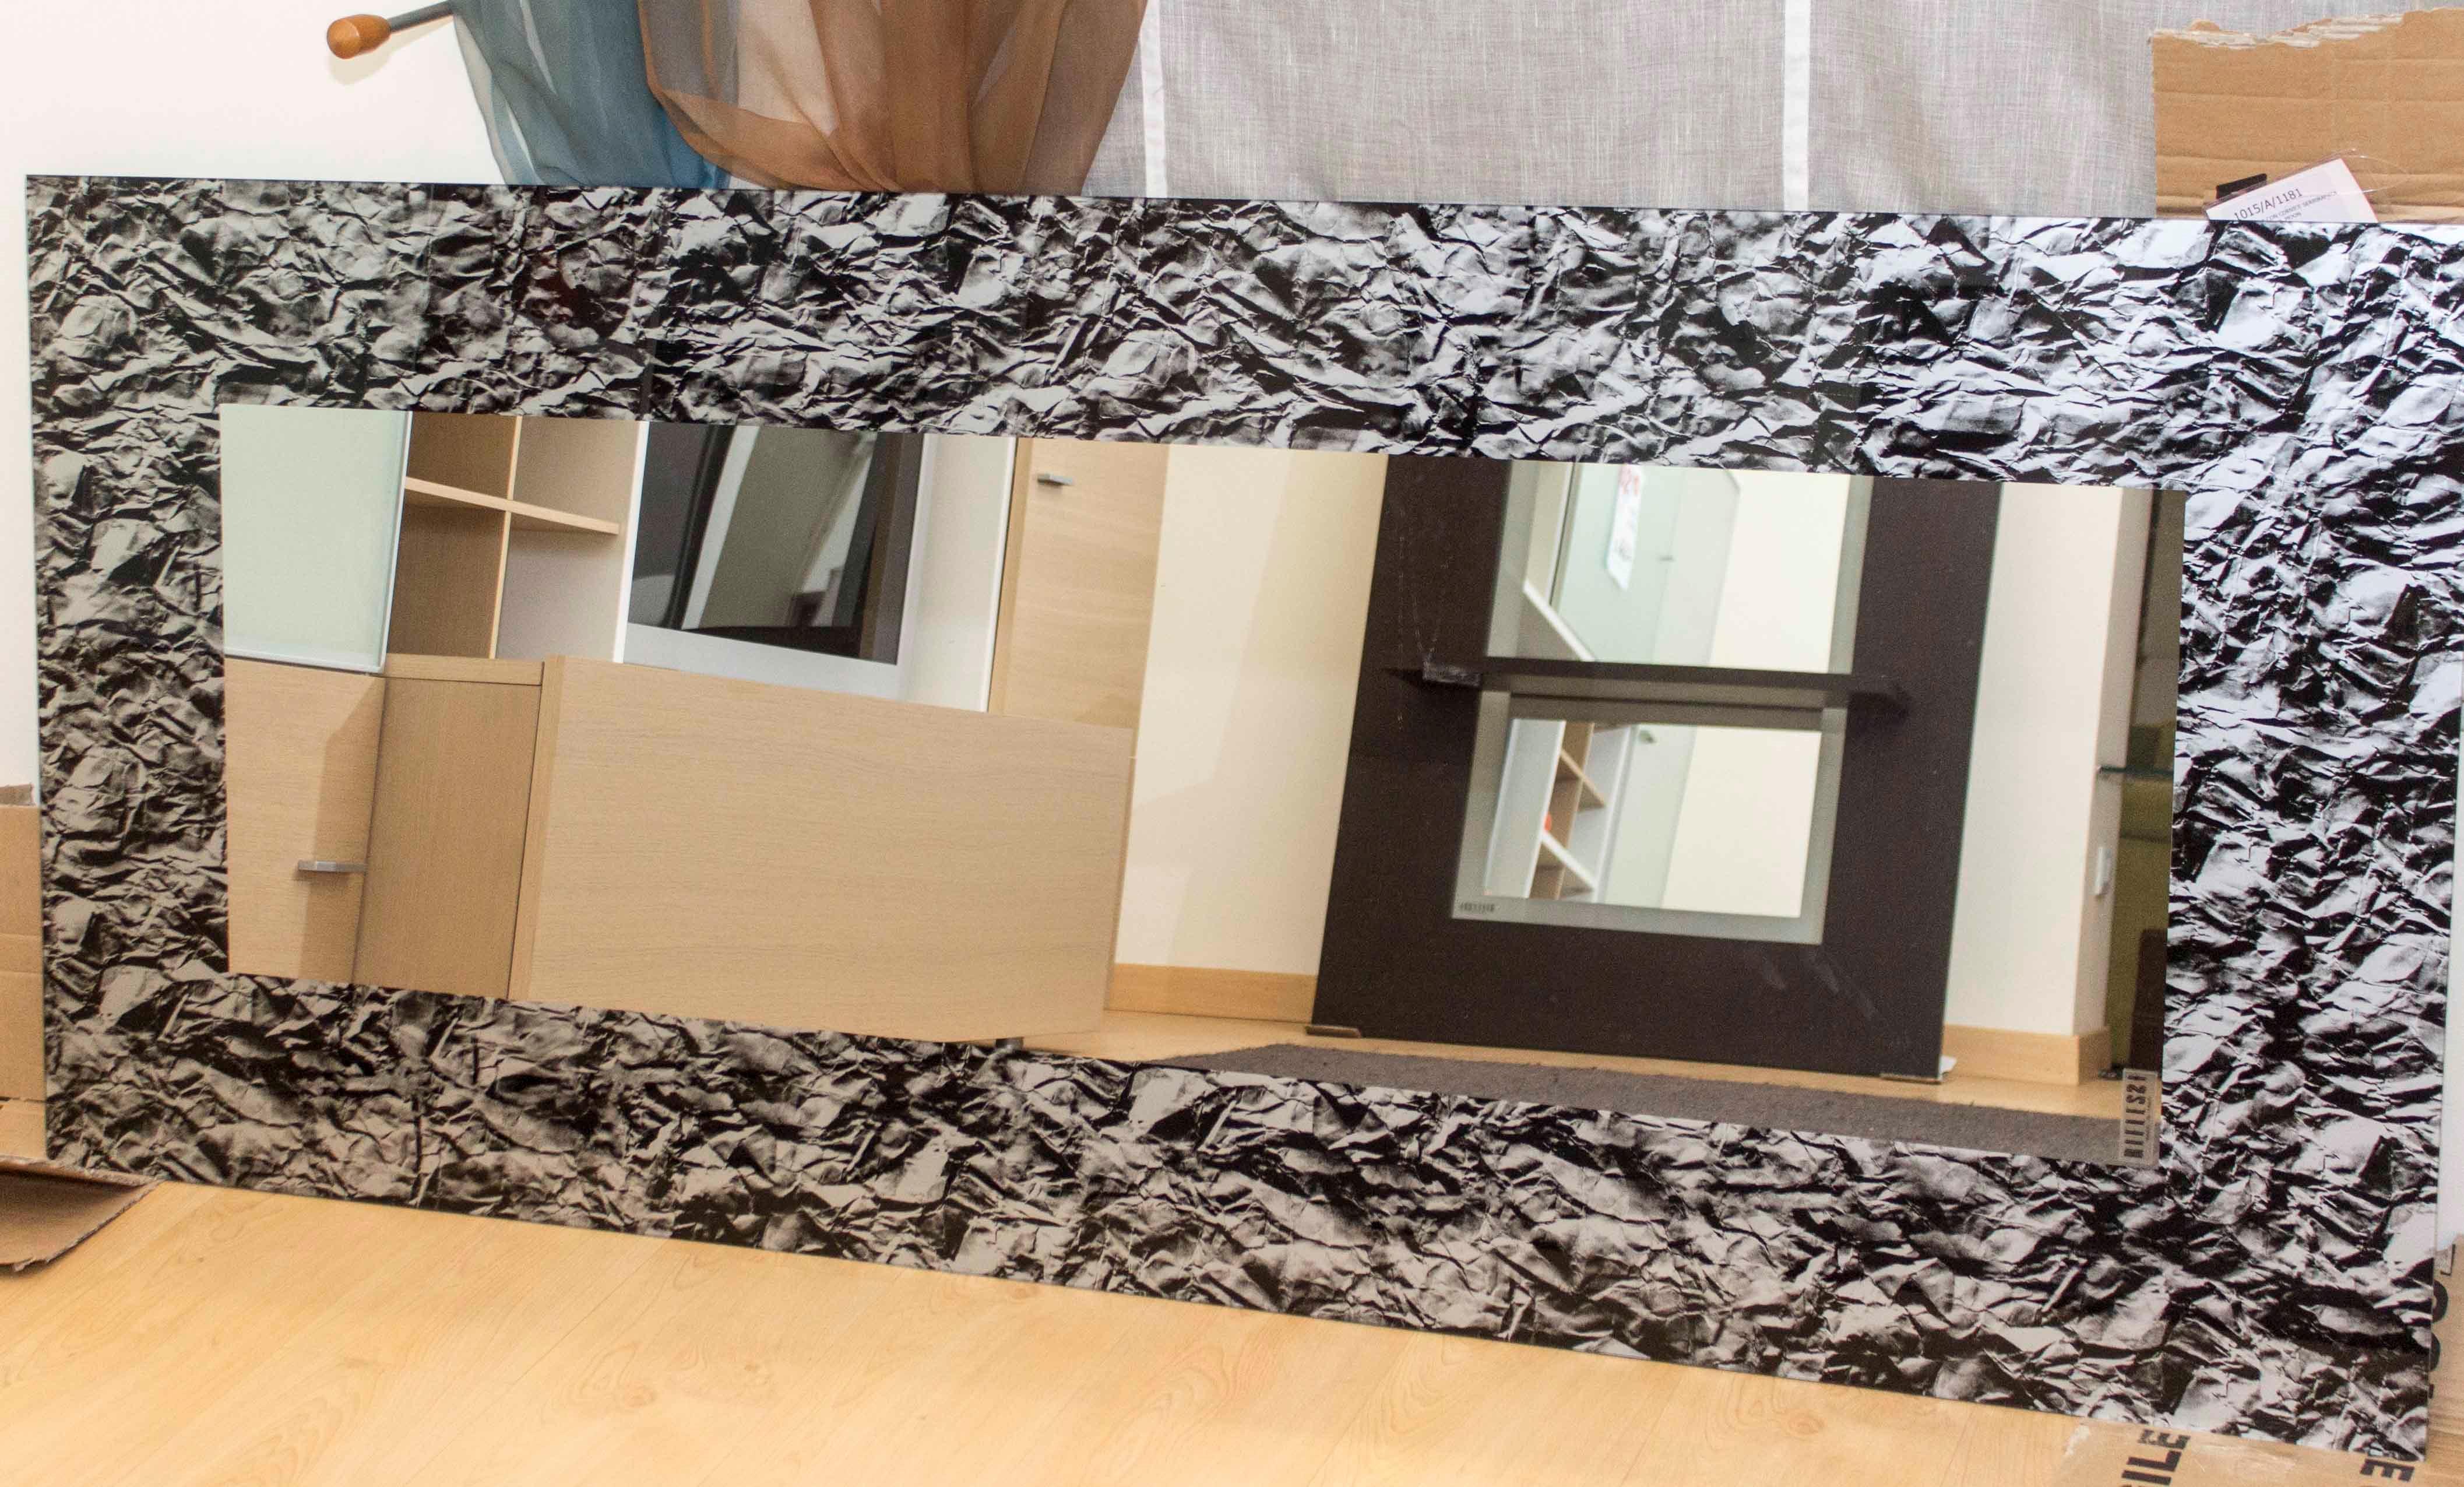 Specchio riflessi moon scontato del 49 complementi a for Arredamento design scontato